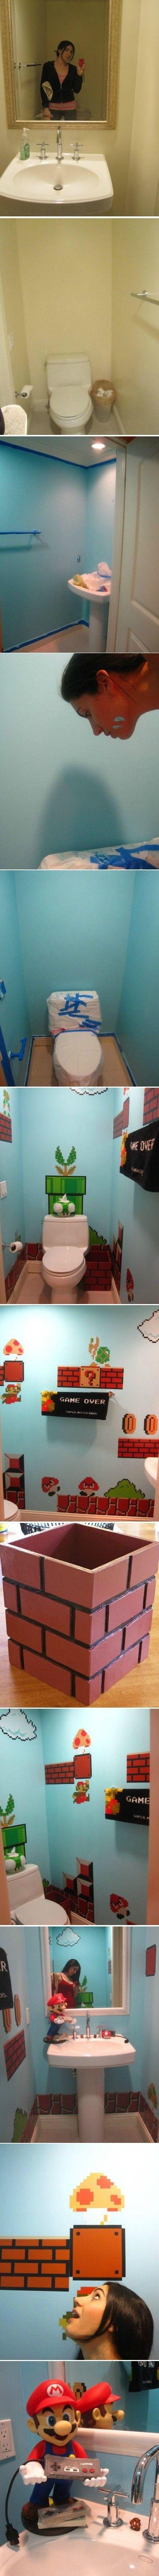 Переделка туалета в стиле Супер-Марио